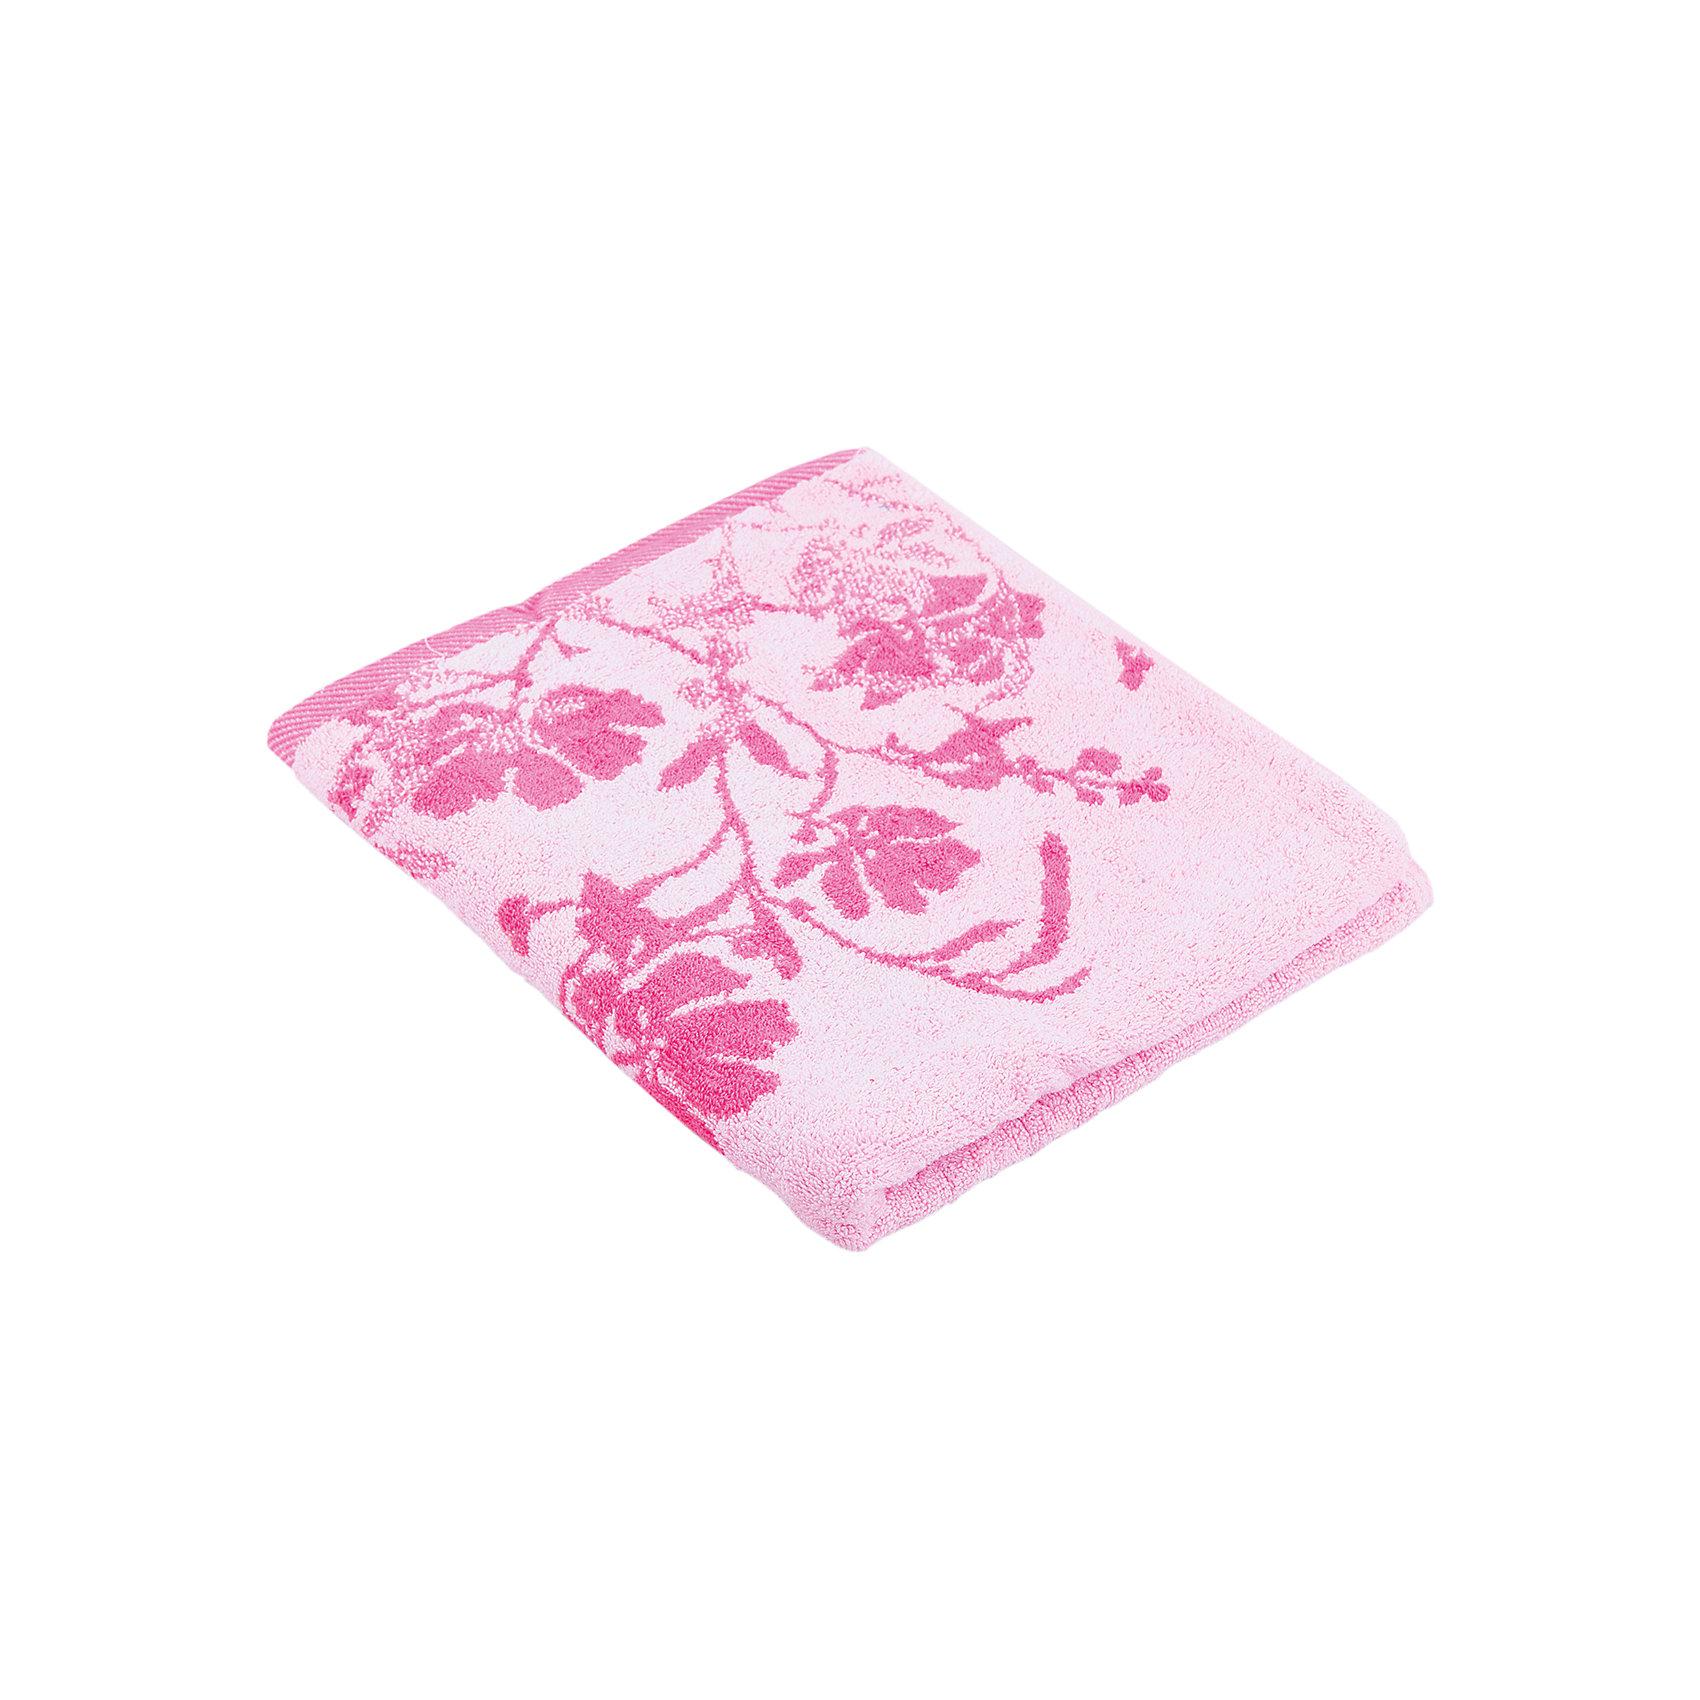 Полотенце махровое Космея 60*130, Любимый дом, розовыйВанная комната<br>Махровое полотенце Космея изготовлено из натурального хлопка. Оно отлично впитывает влагу, обладает износостойкостью и остается мягким и ярким даже после стирок. Полотенце украшено крупной вышивкой в форме цветка. Полотенце отлично подойдет после водных процедур.<br><br>Дополнительная информация:<br>Материал: 100% хлопок<br>Размер: 60х130 см<br>Цвет: розовый<br>Торговая марка: Любимый дом<br><br>Махровое полотенце Космея можно купить в нашем интернет-магазине.<br><br>Ширина мм: 500<br>Глубина мм: 500<br>Высота мм: 200<br>Вес г: 300<br>Возраст от месяцев: 0<br>Возраст до месяцев: 144<br>Пол: Унисекс<br>Возраст: Детский<br>SKU: 5010974